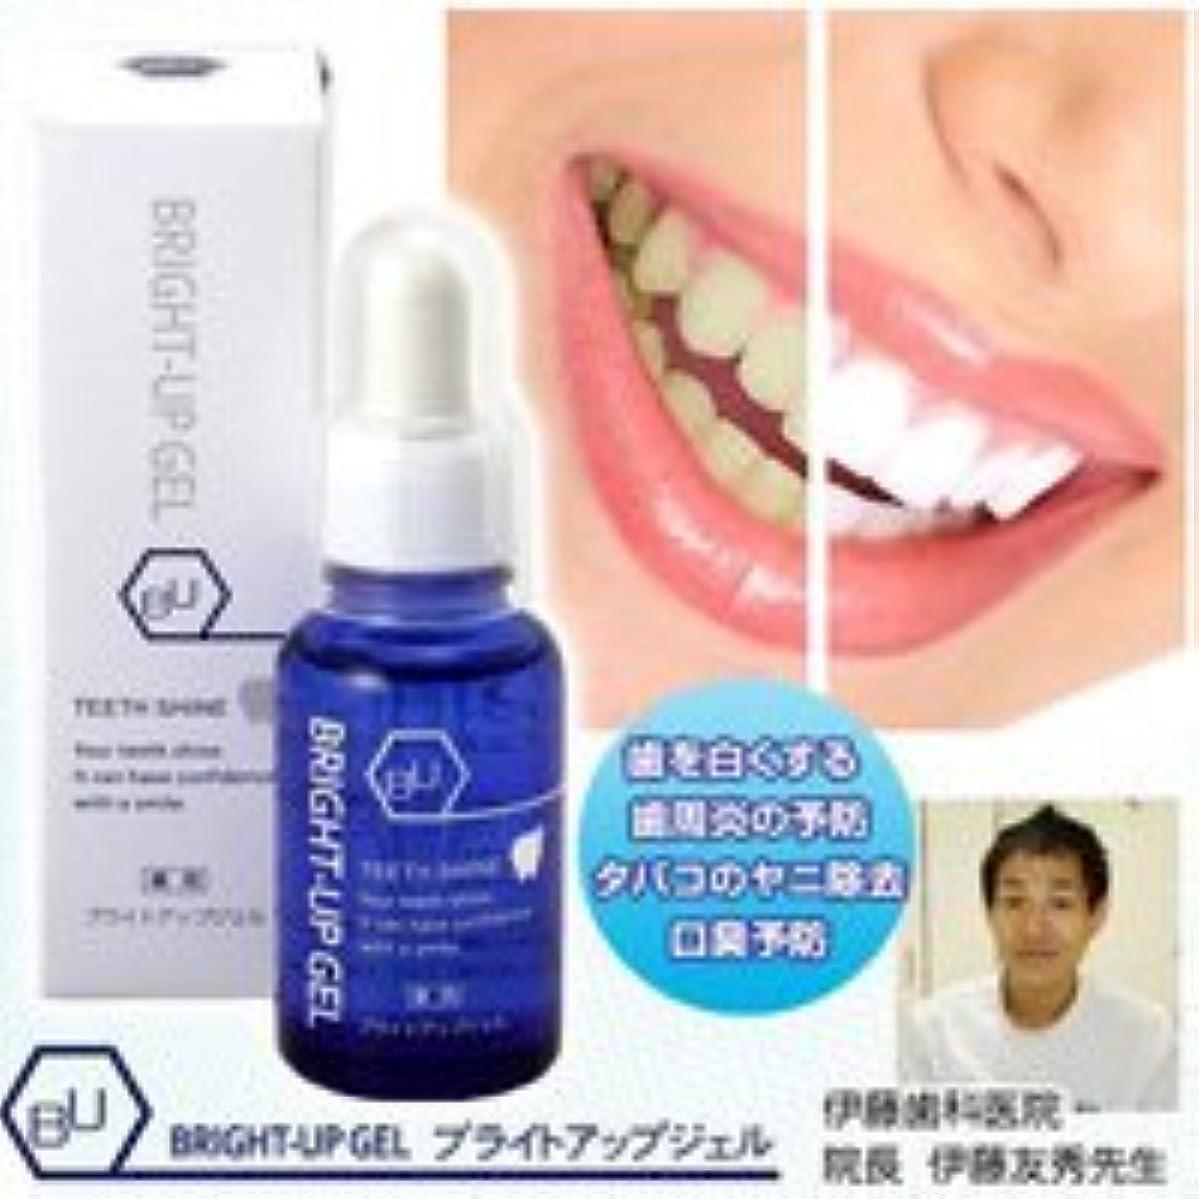 テスト協同バブル薬用ブライトアップジェル☆歯科医監修の4つの医薬部外品含有のホワイトニングジェル